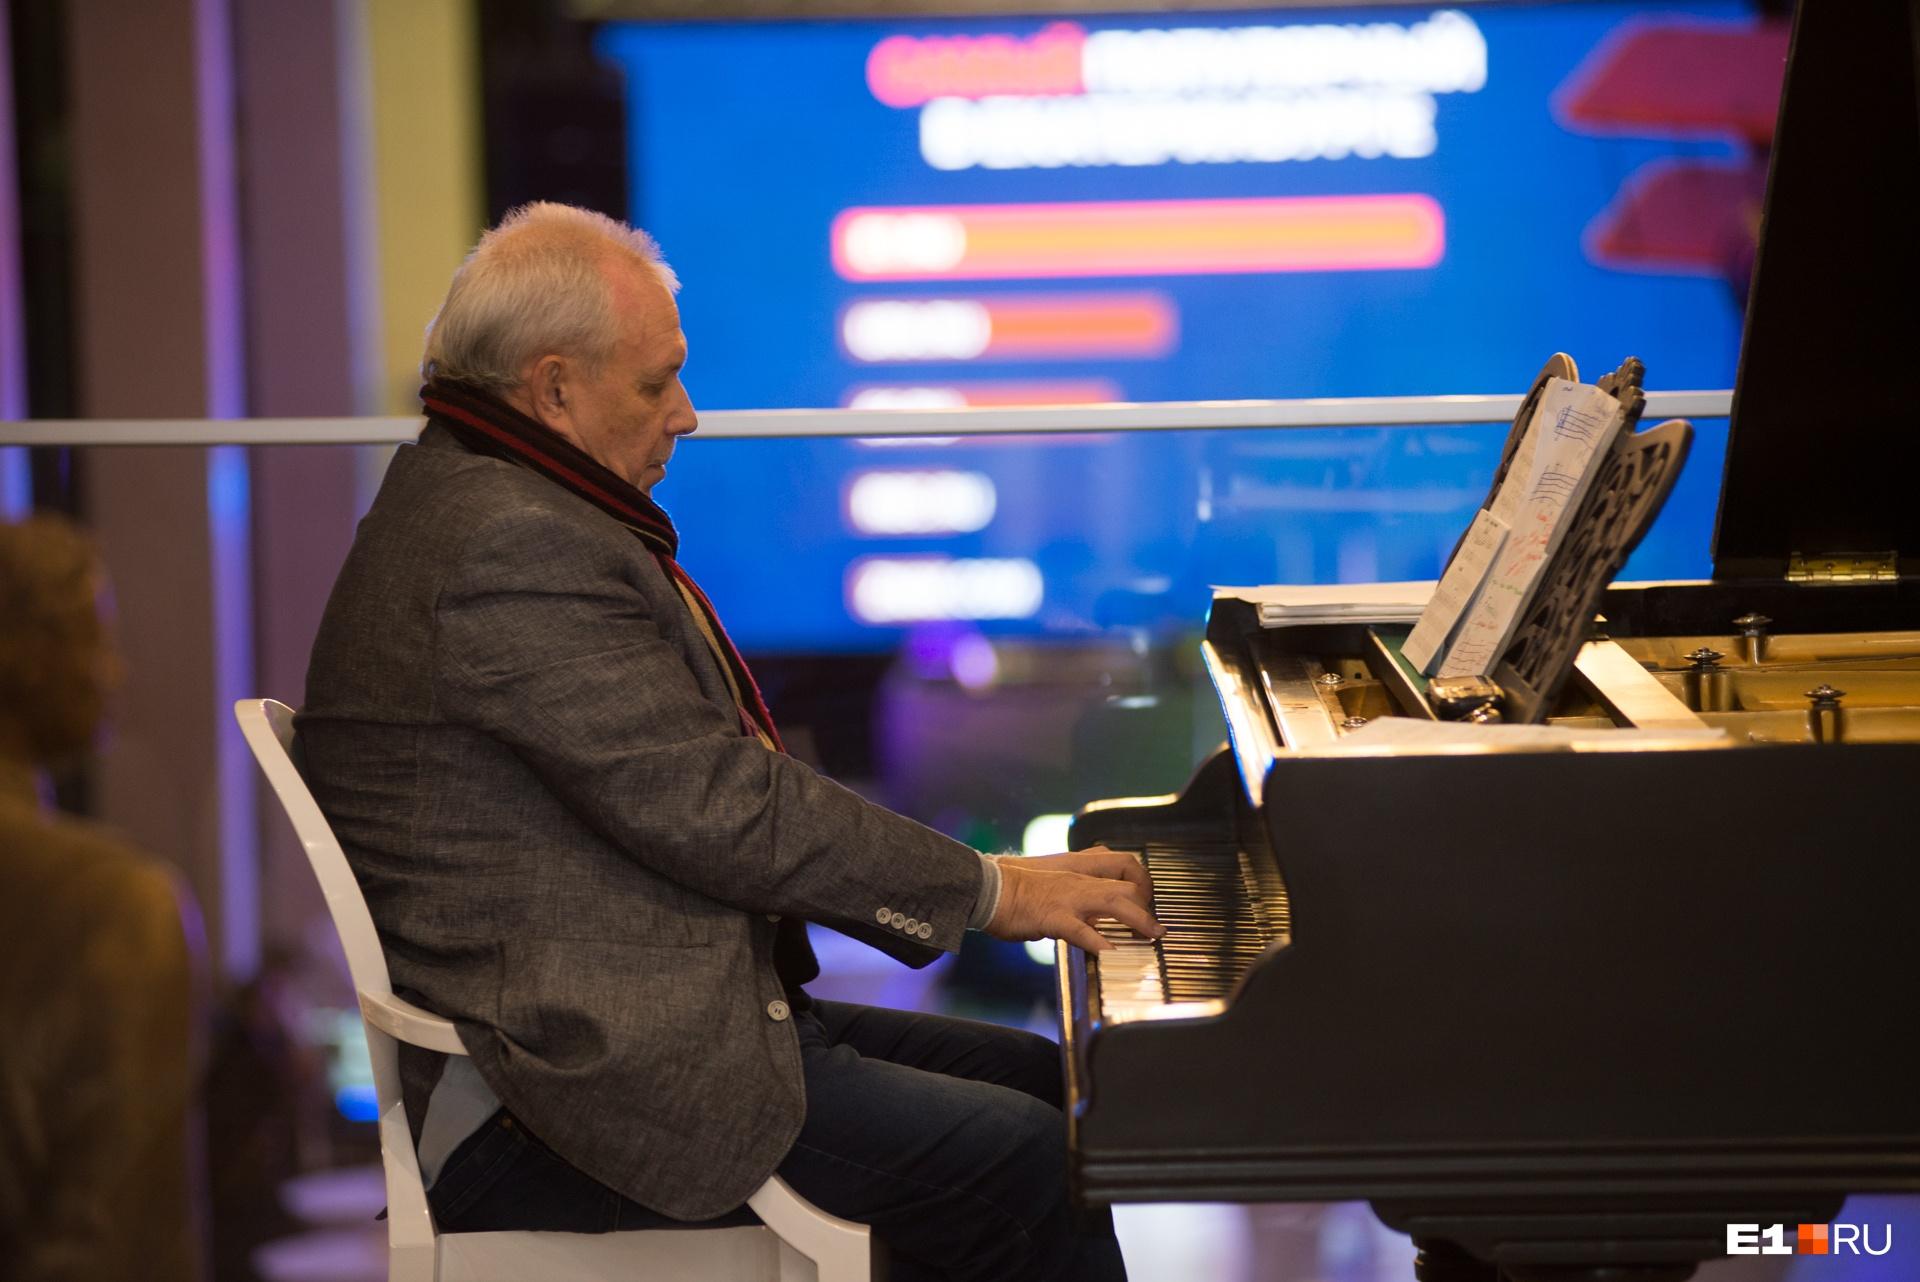 Пока гости собирались, за роялем атмосферу создавалмастер джазовых импровизаций Андрей Елецкий